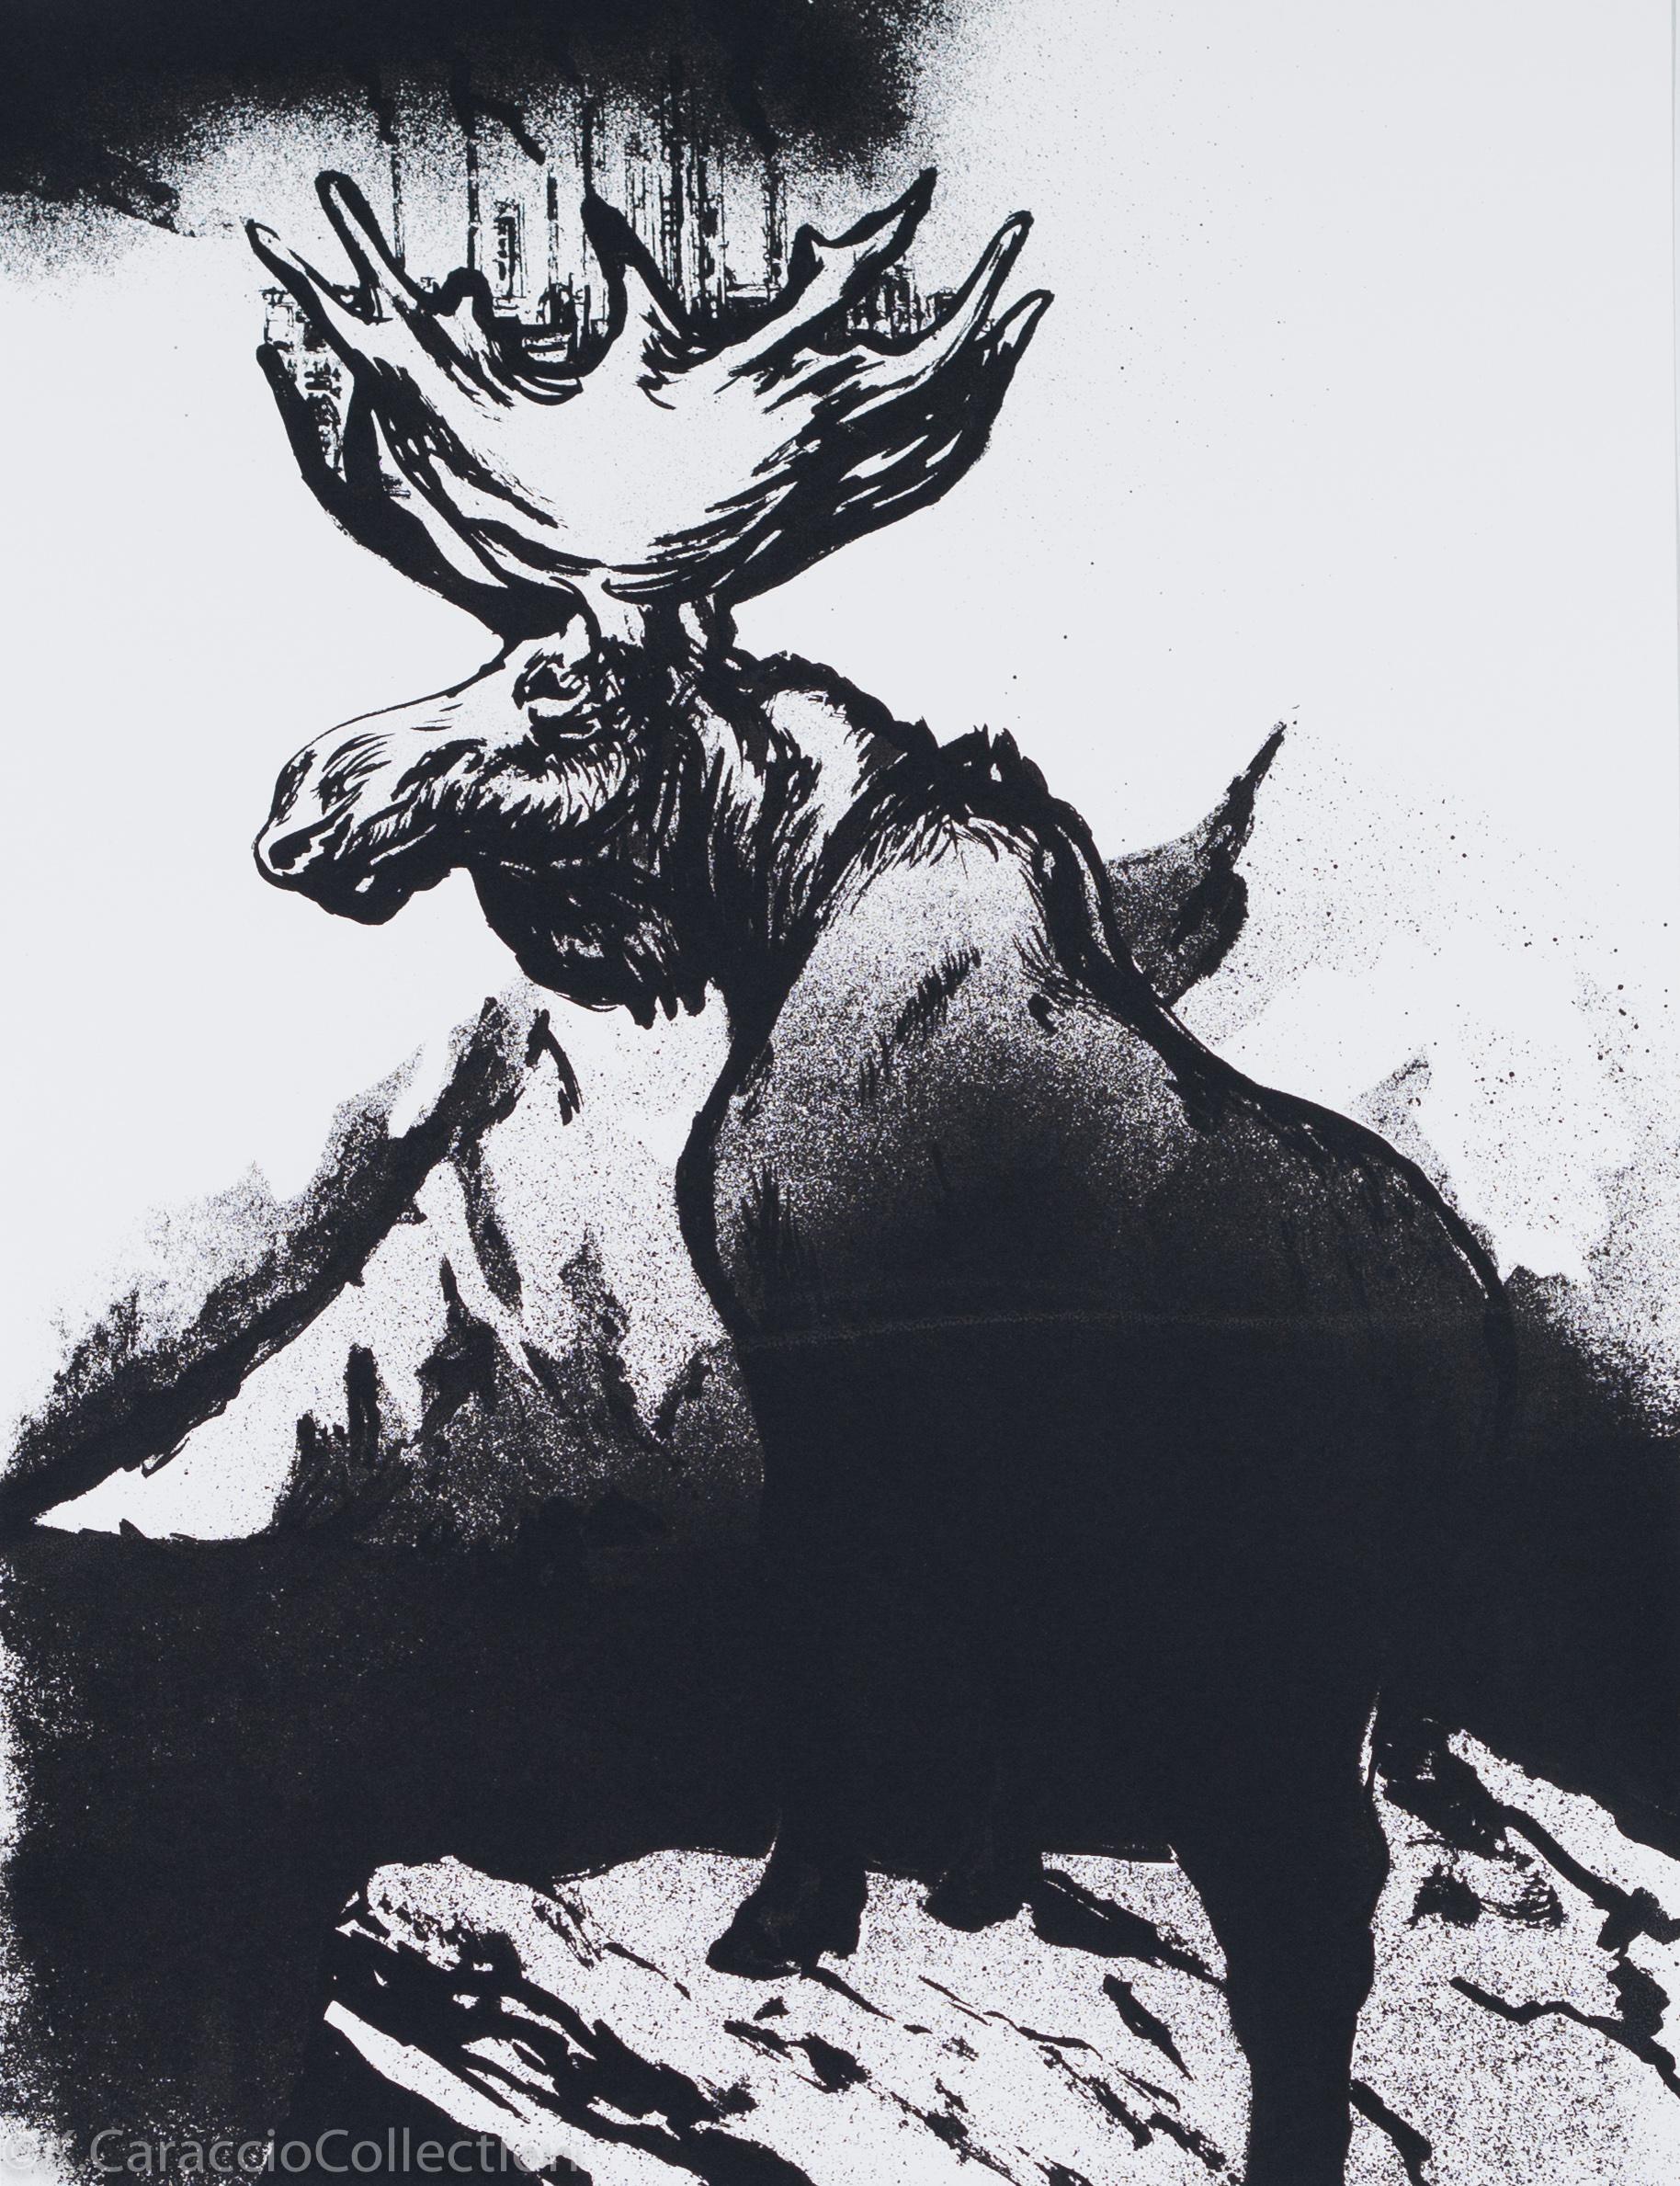 No Title, 2009